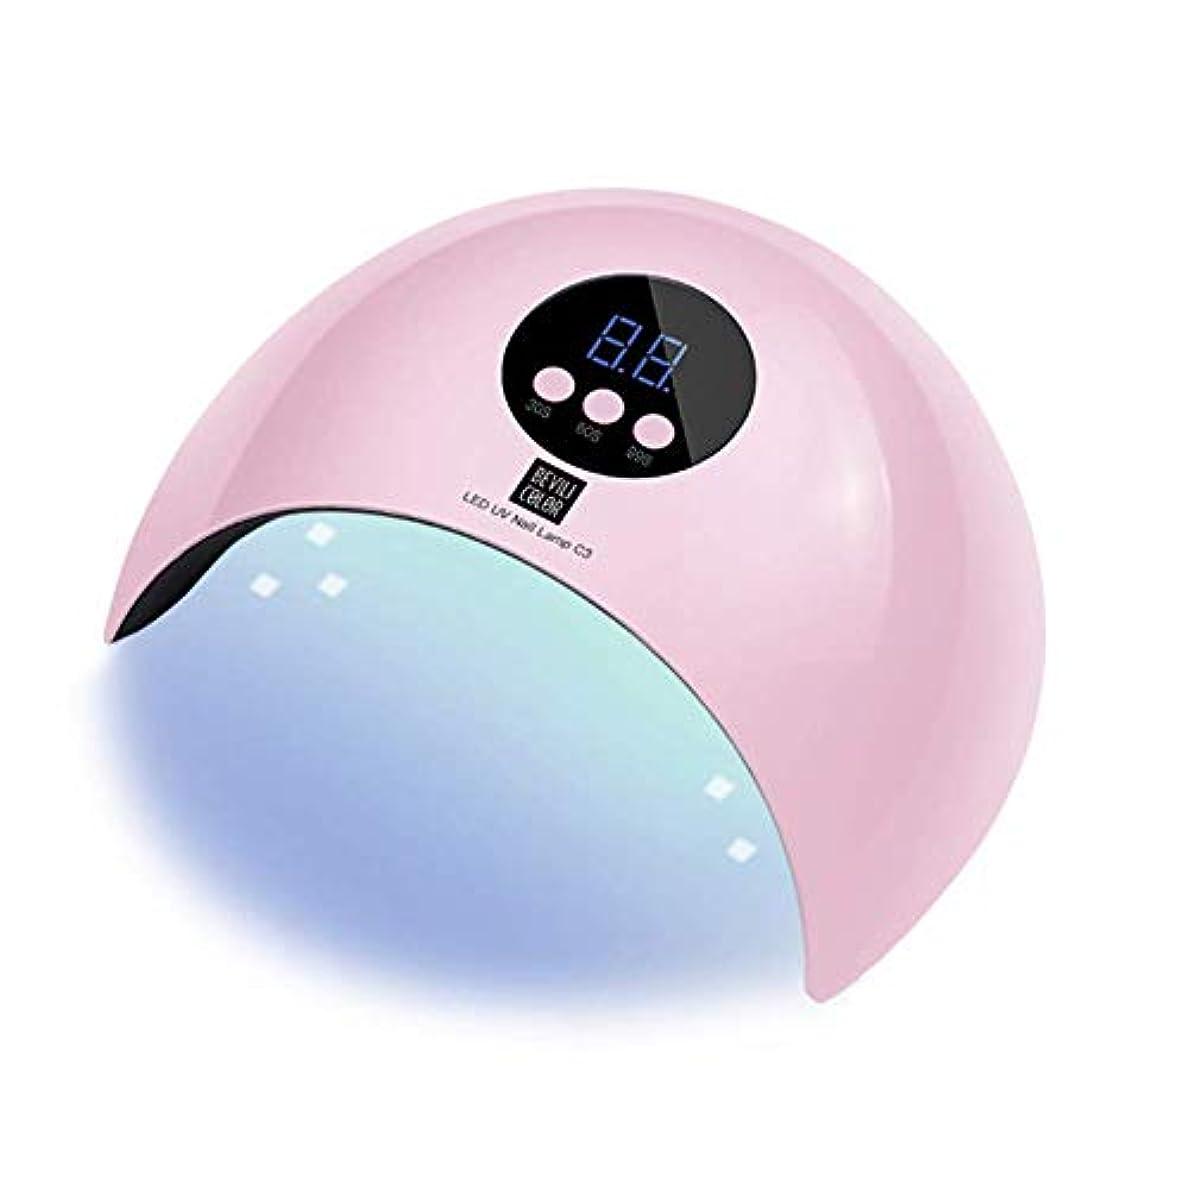 真夜中ムス透過性ネイルドライヤー LED UVネイルランプ 36W硬化用UVライト LED硬化ライト自動センサー タイマー付き 人感センサー式 赤外線センサー付き 液晶ディスプレー 手足両用 ジェルネイル用 ピンク